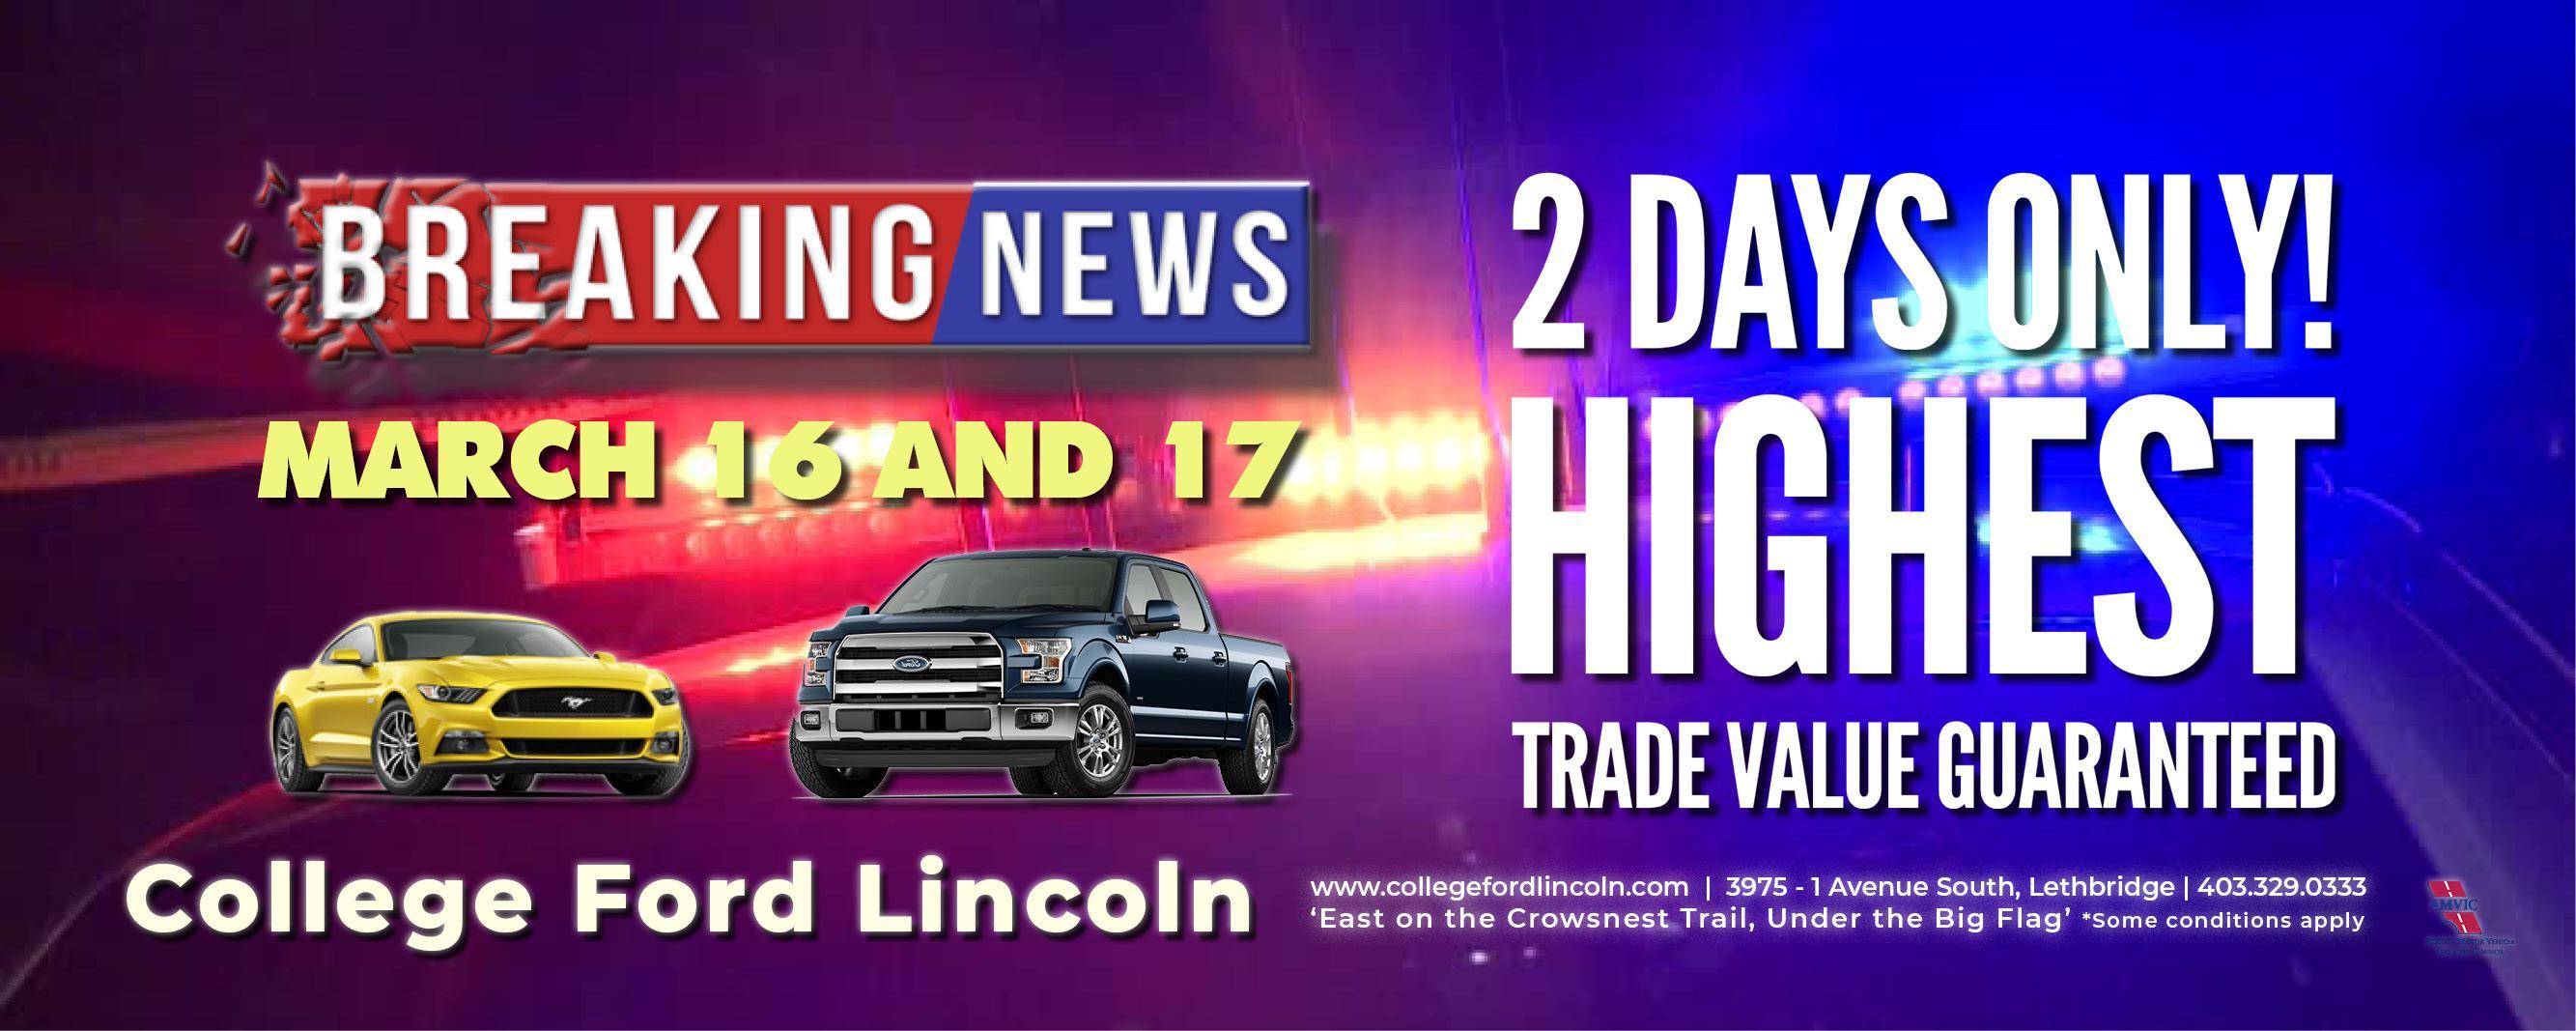 Highest Trade Value Guaranteed!